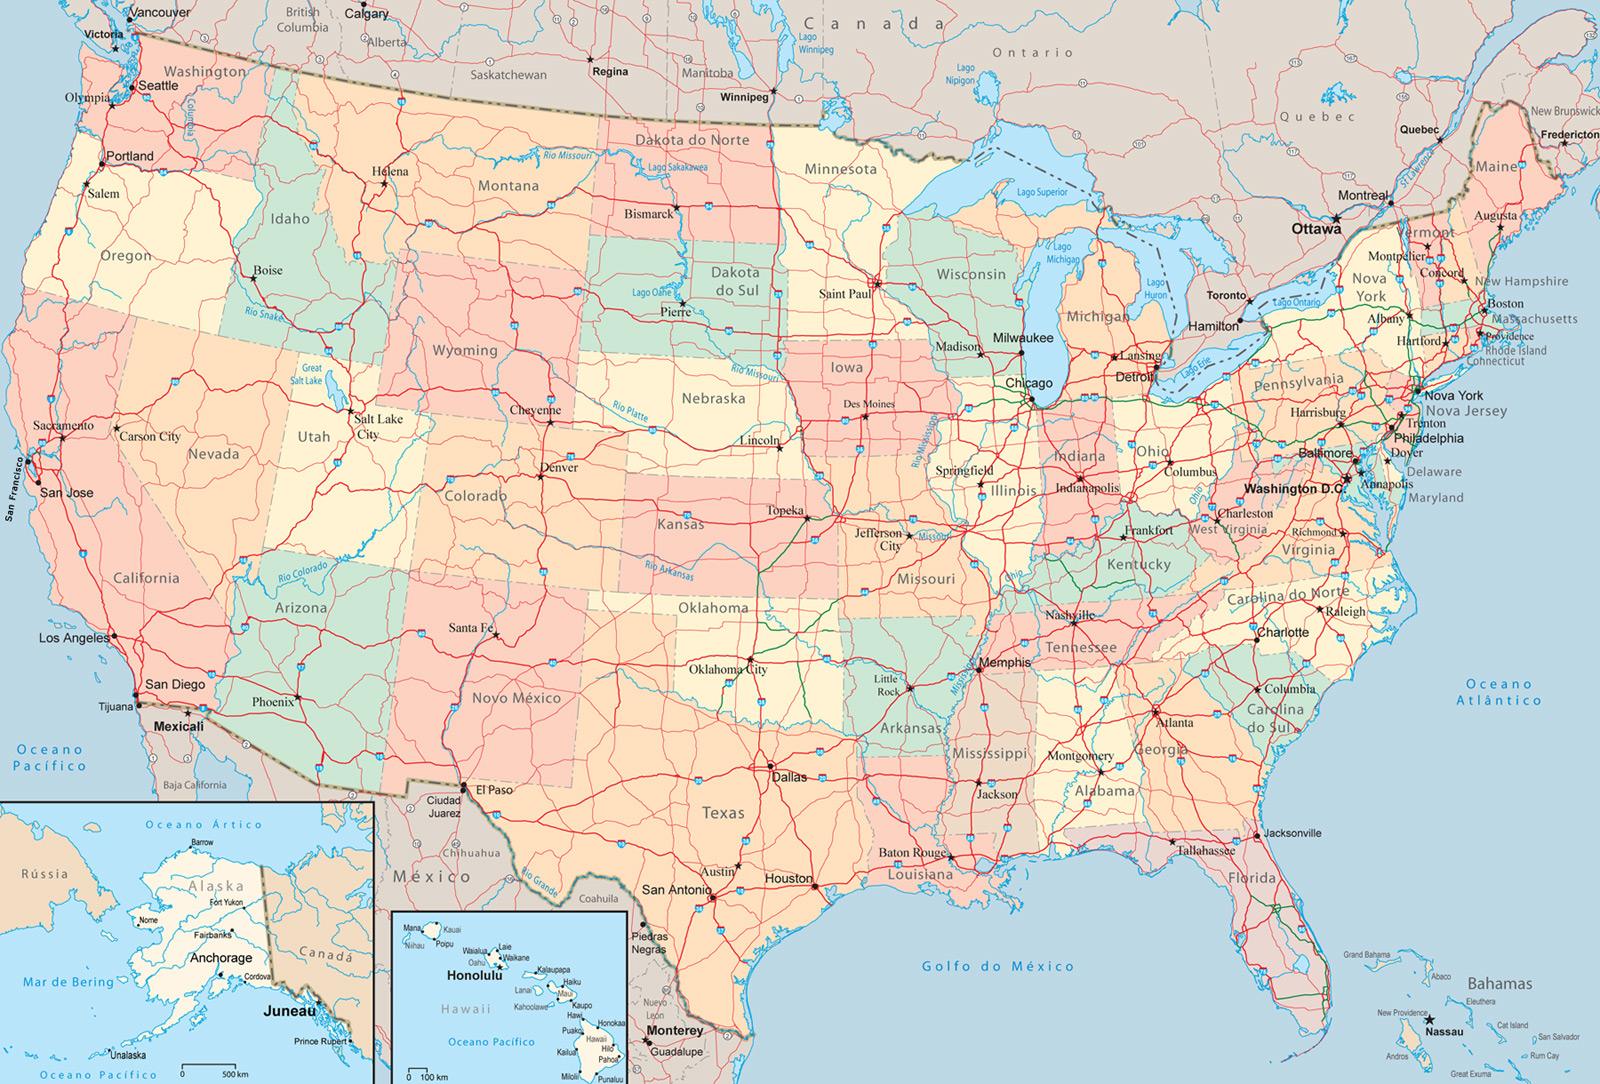 ubicacion geografica estado unidos: